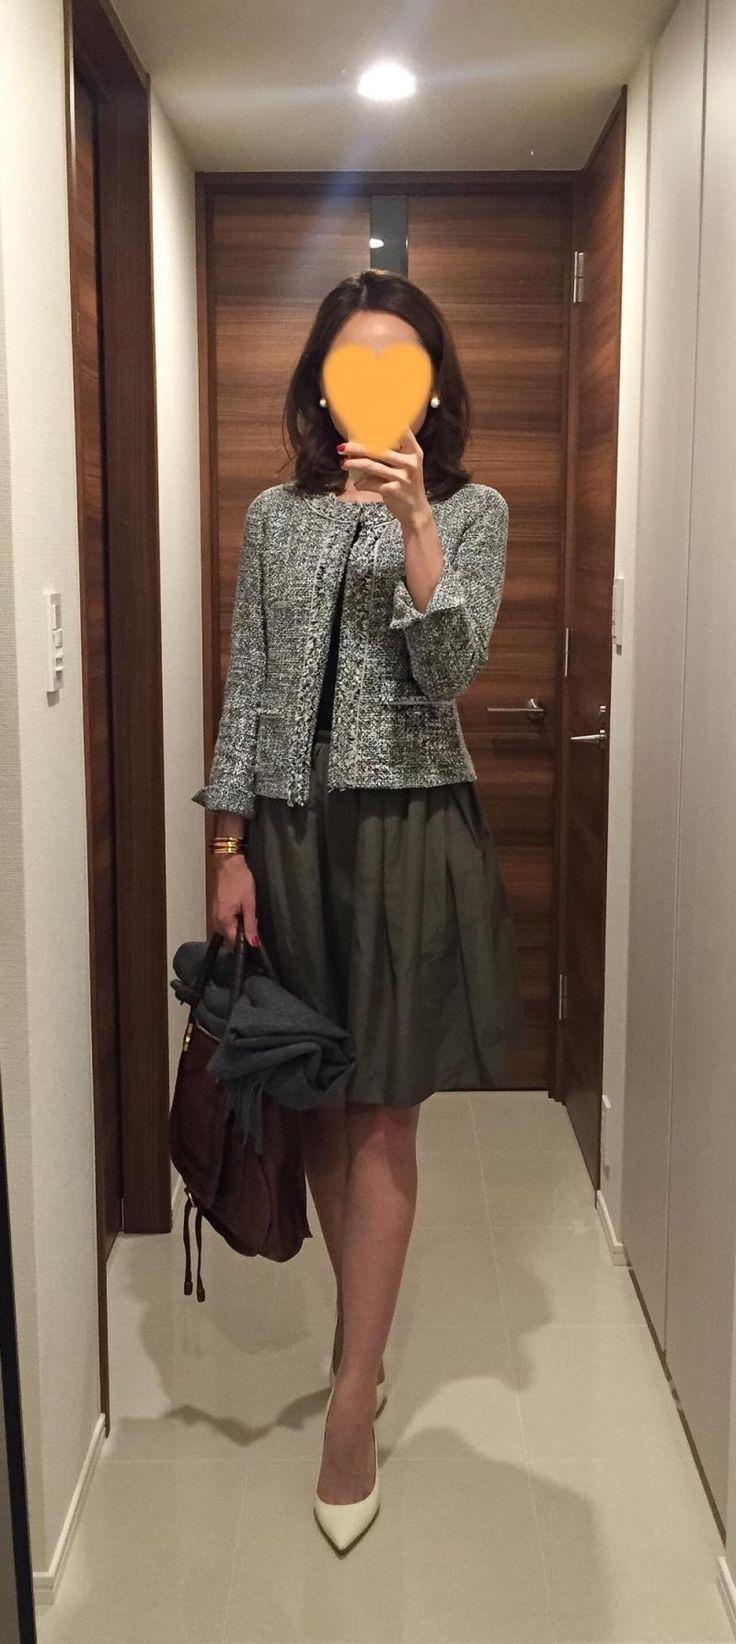 女子会したりアガる靴買ったり  AIオフィシャルブログ「外資系OL AIの今日のコーデブログ」Powered by Ameba